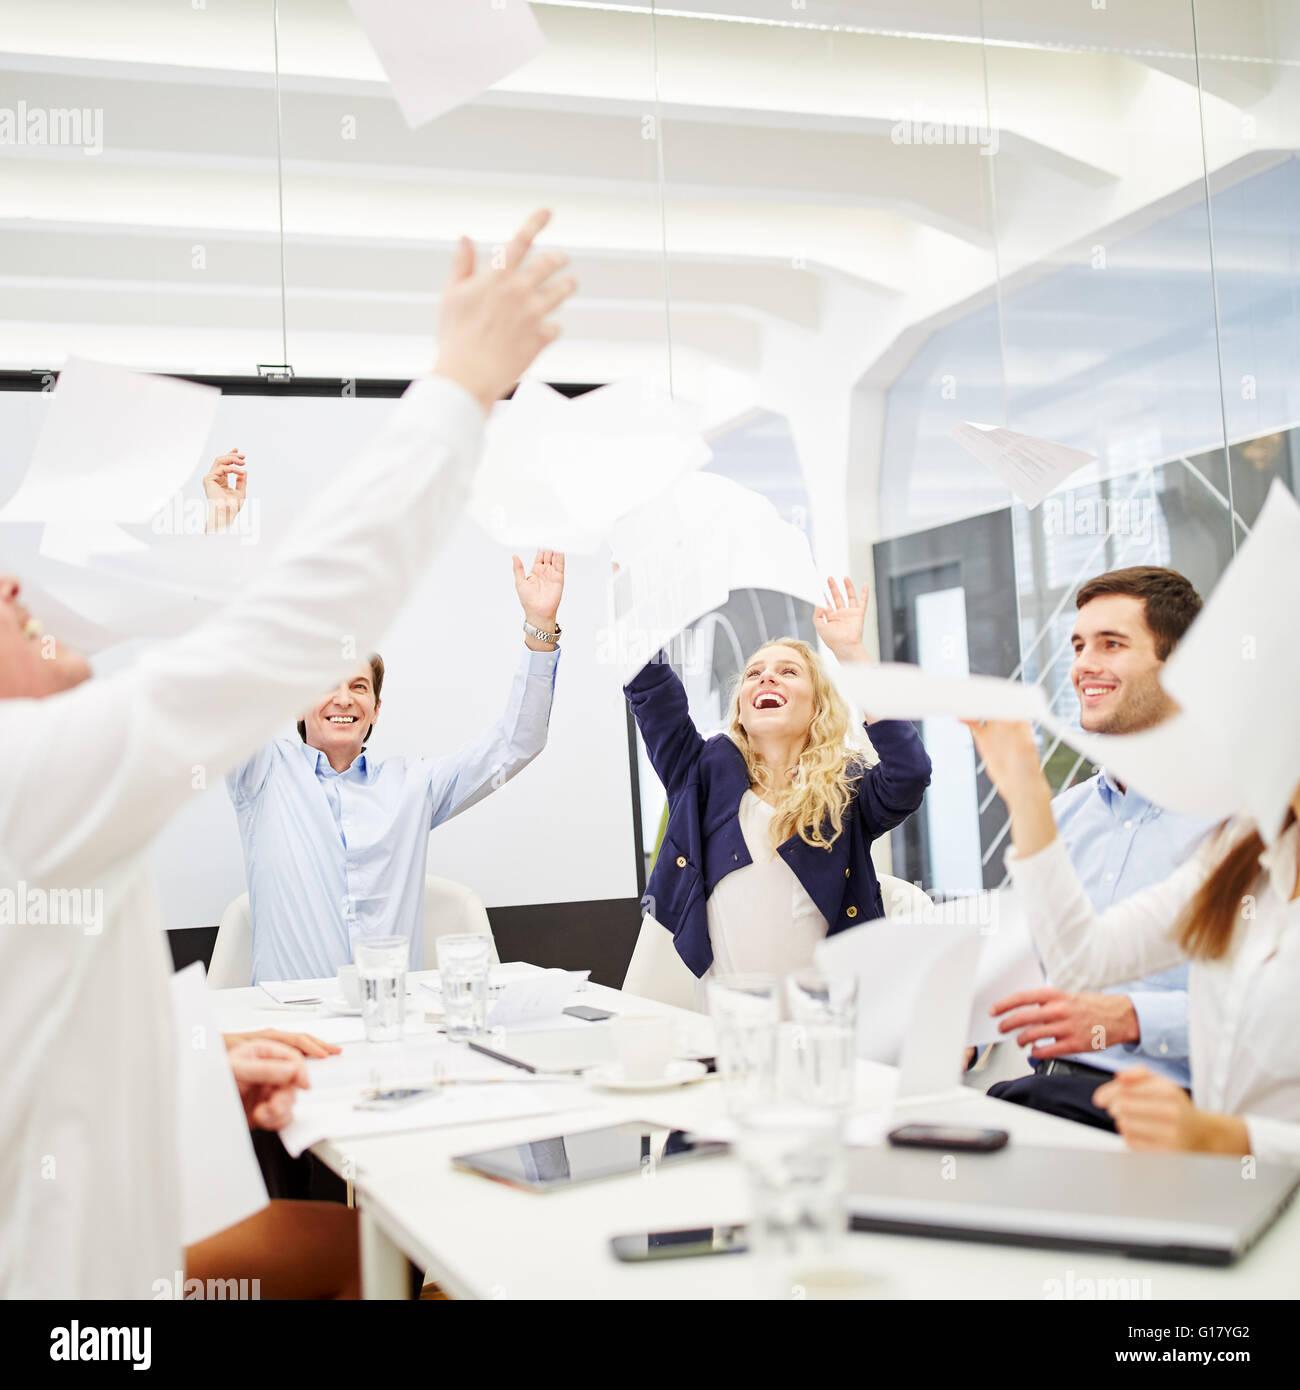 Business-Leute feiert ihren Erfolg und Blatt Papier in die Luft wirft, während ein Business-meeting Stockbild